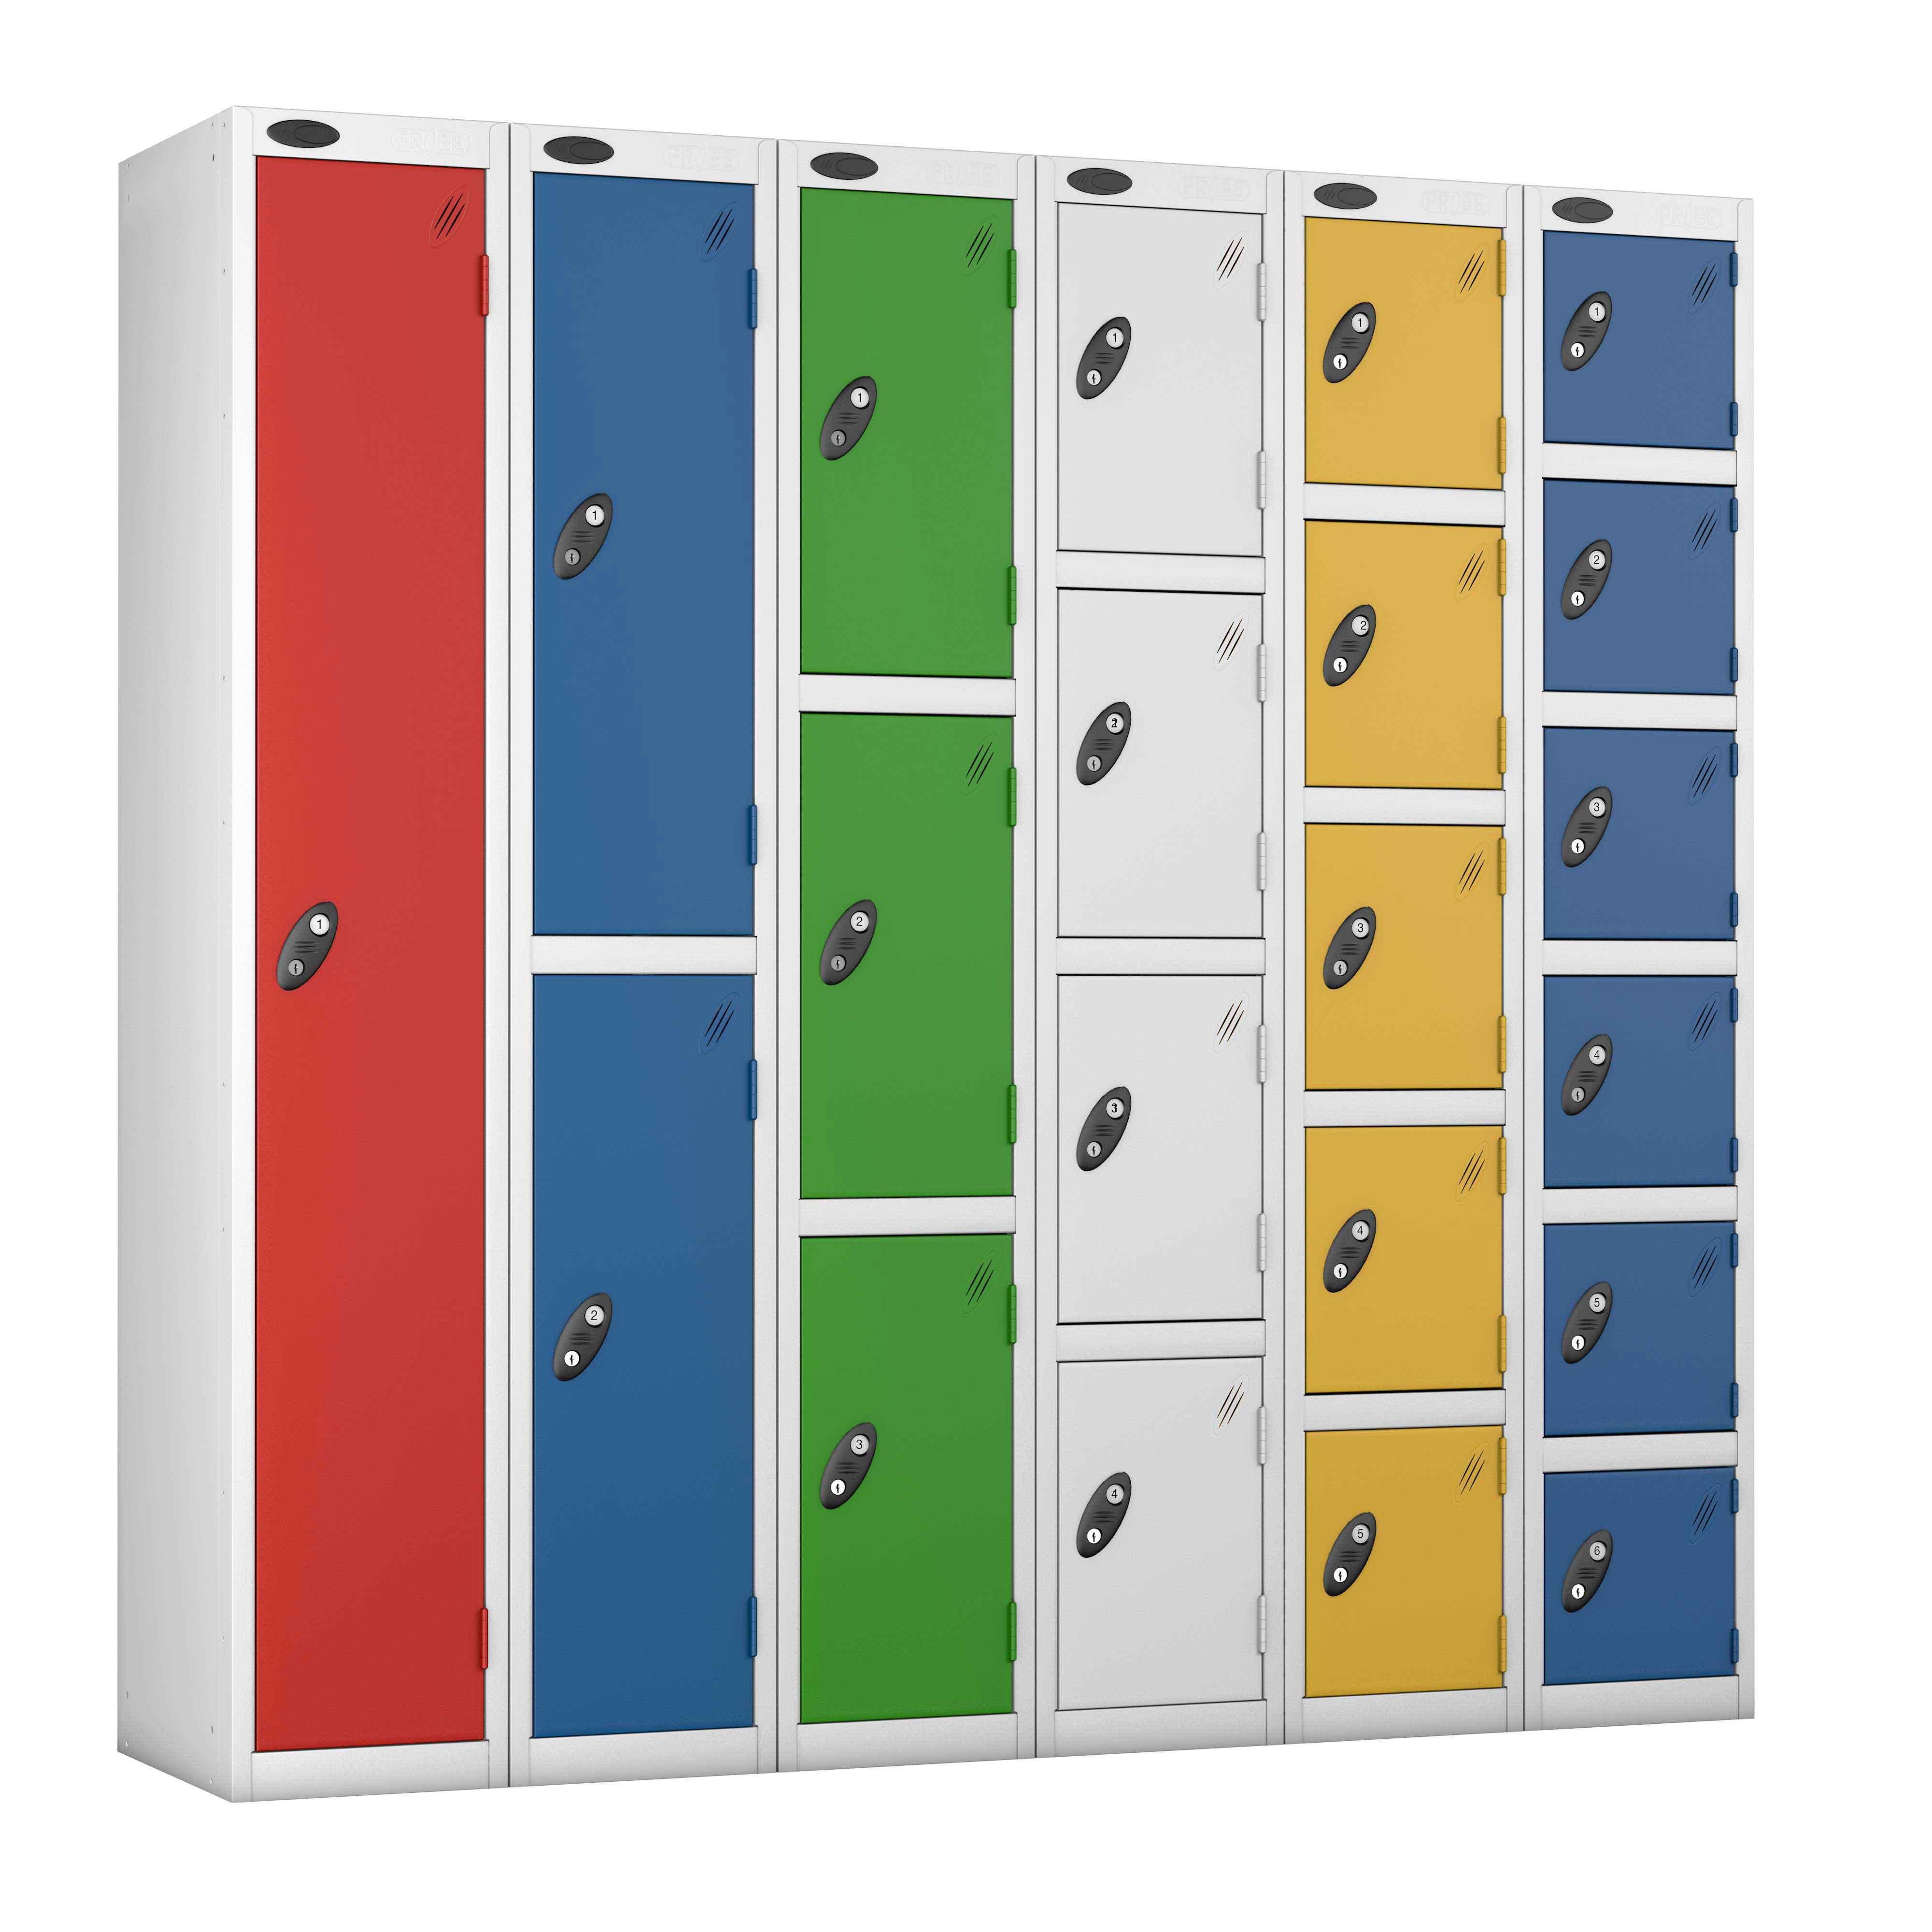 Value Steel Lockers